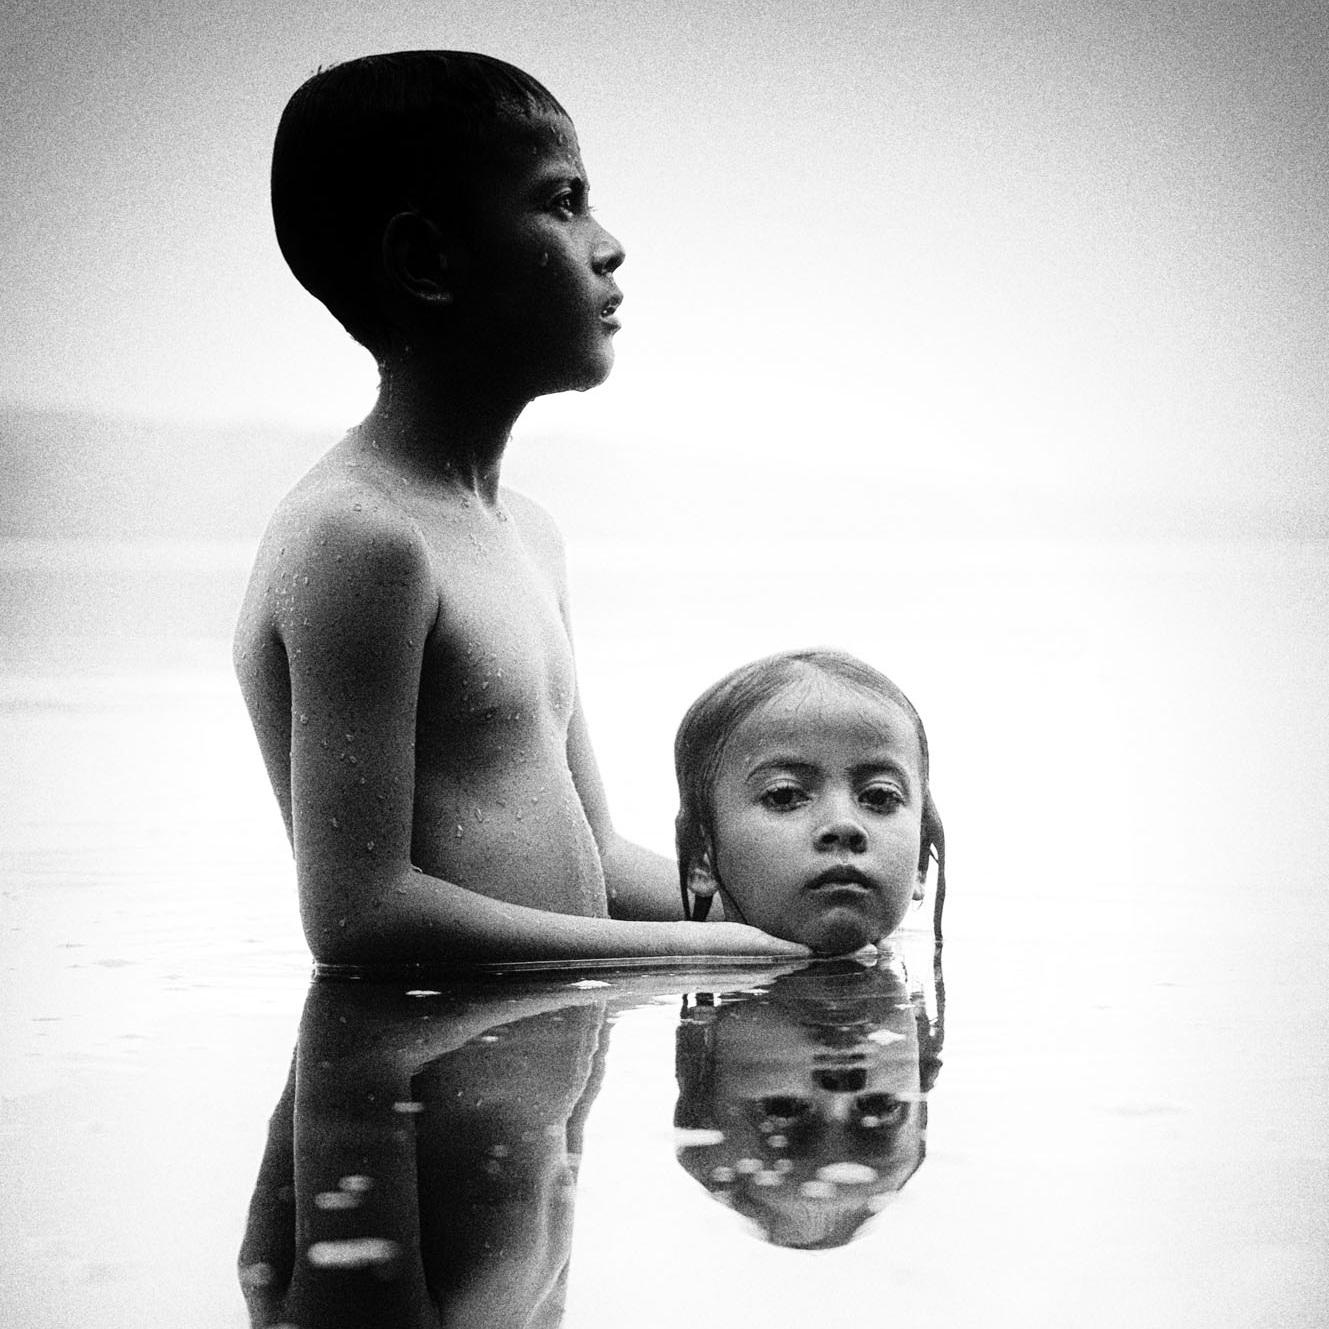 Saujana Sumpu - By Yoppy Pieter